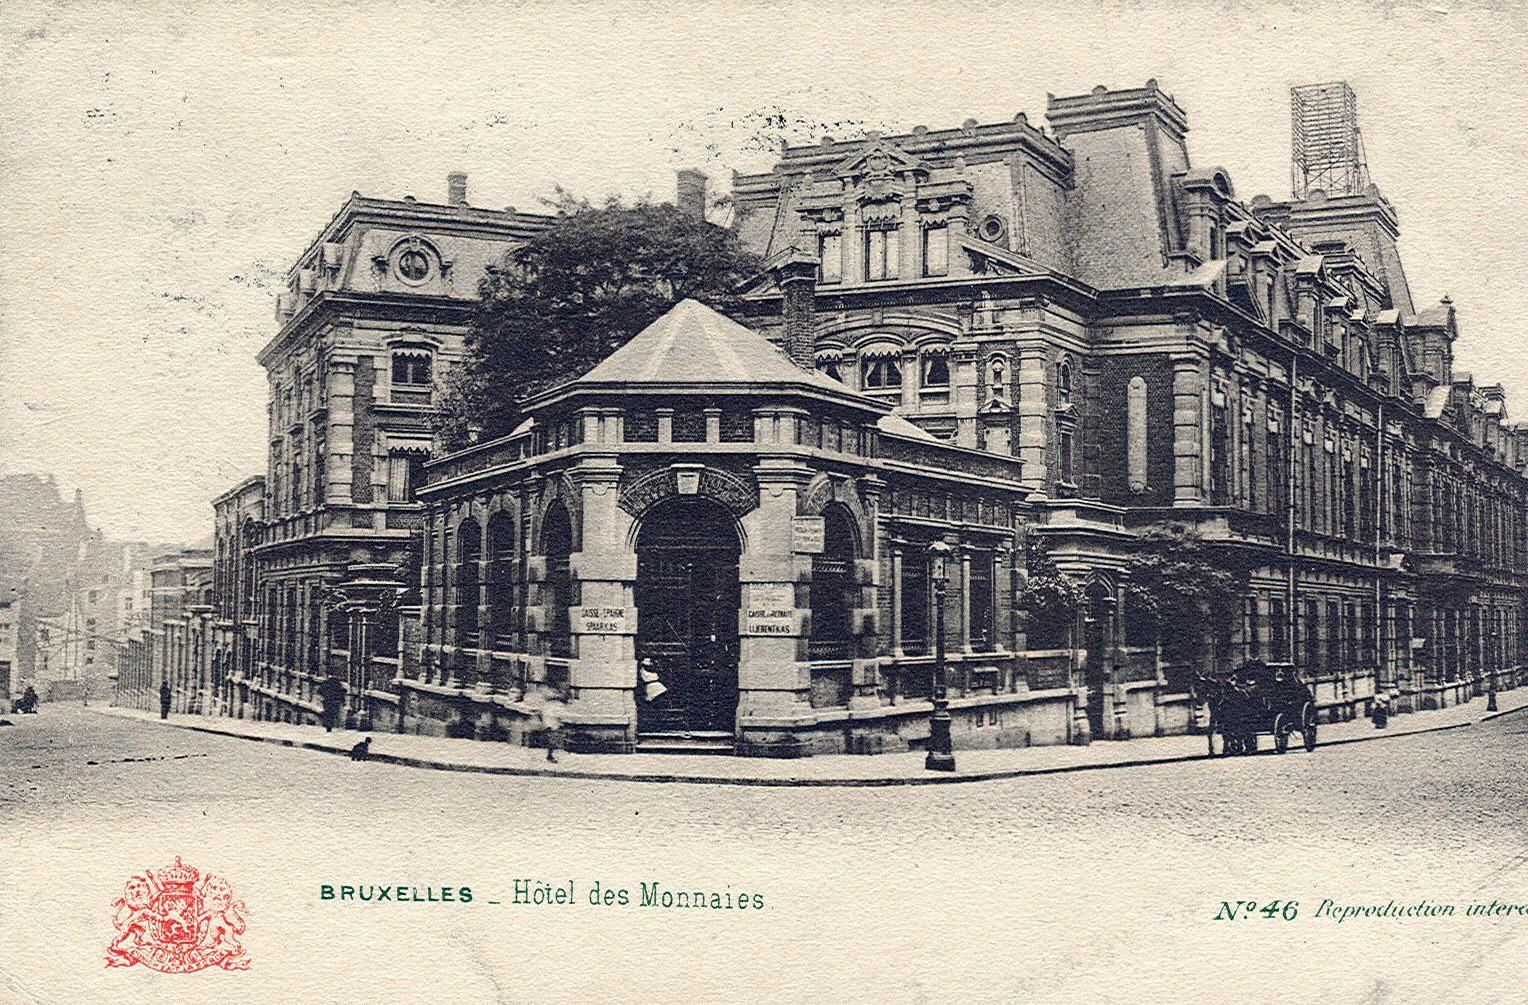 """Résultat de recherche d'images pour """"hotel des monnaies bruxelles photos"""""""